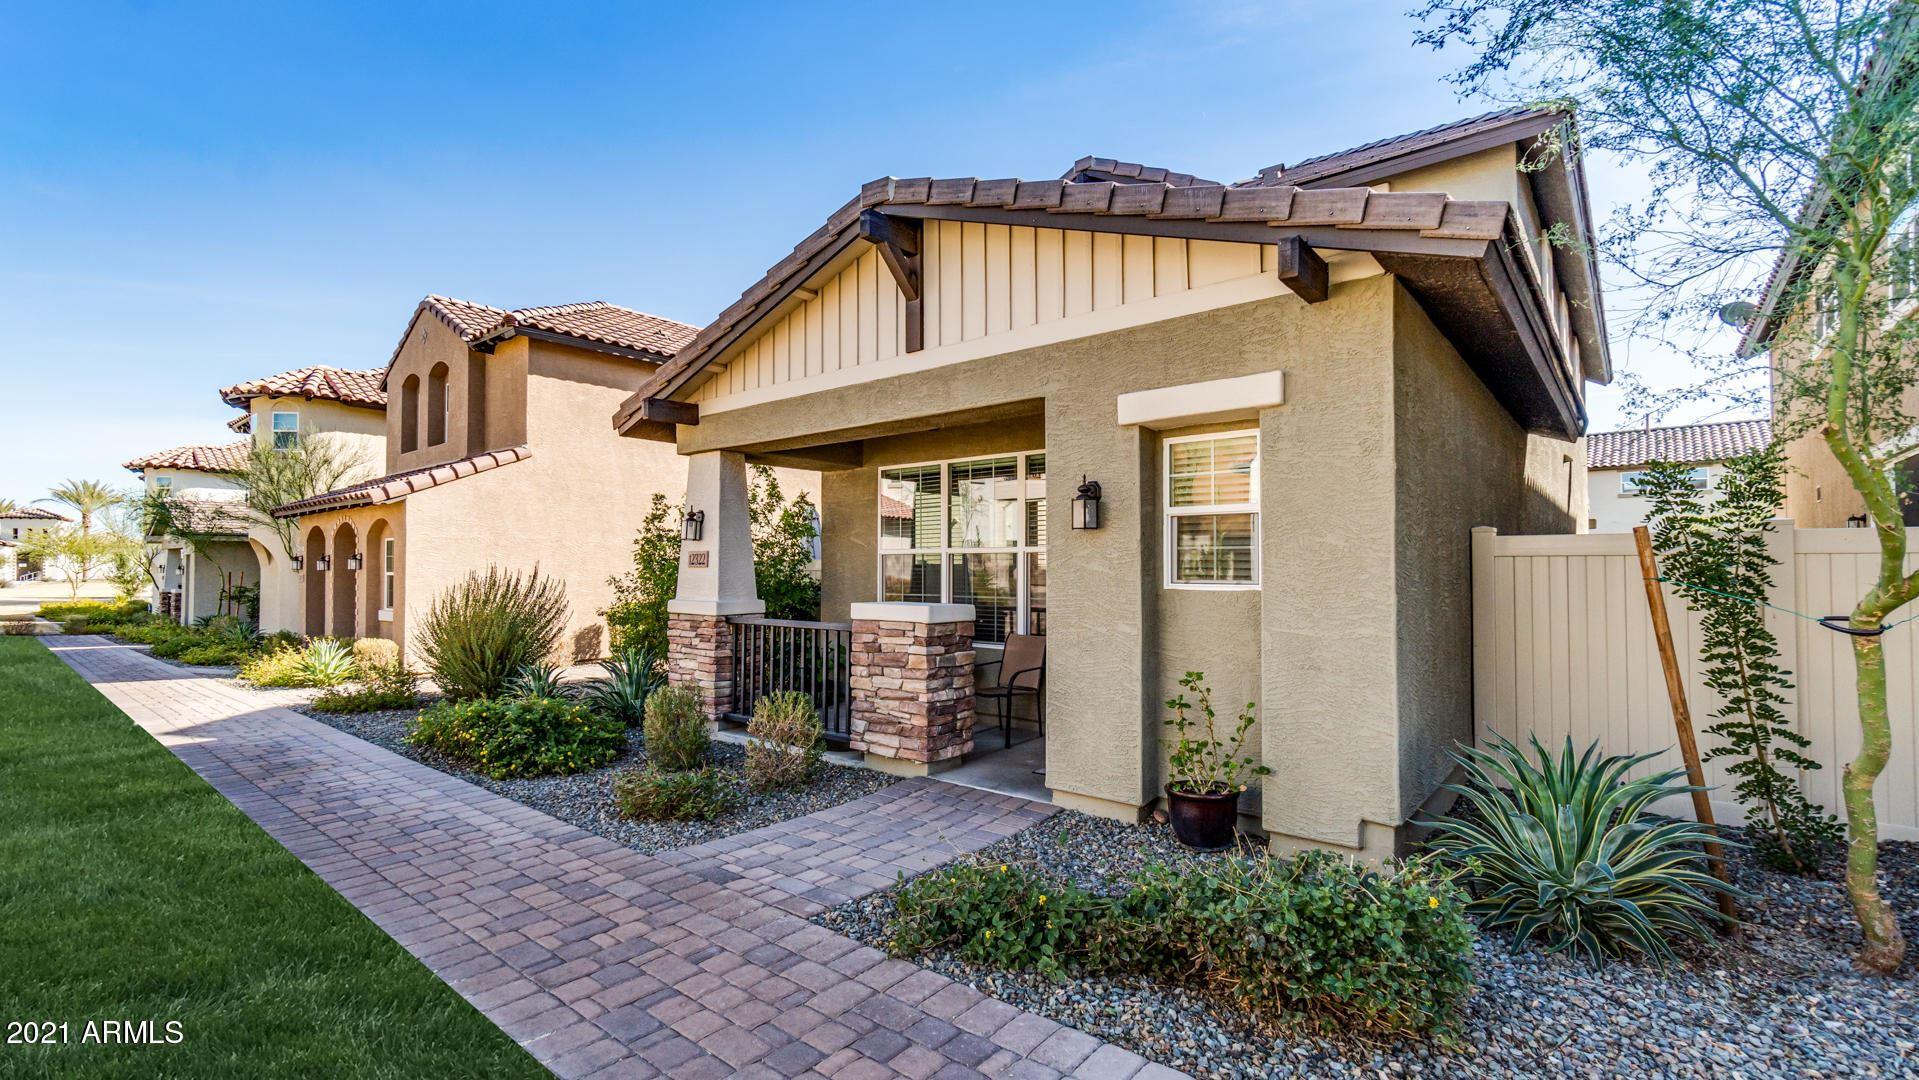 12322 W CACTUS BLOSSOM Trail, Peoria, AZ 85383 - MLS#: 6183335